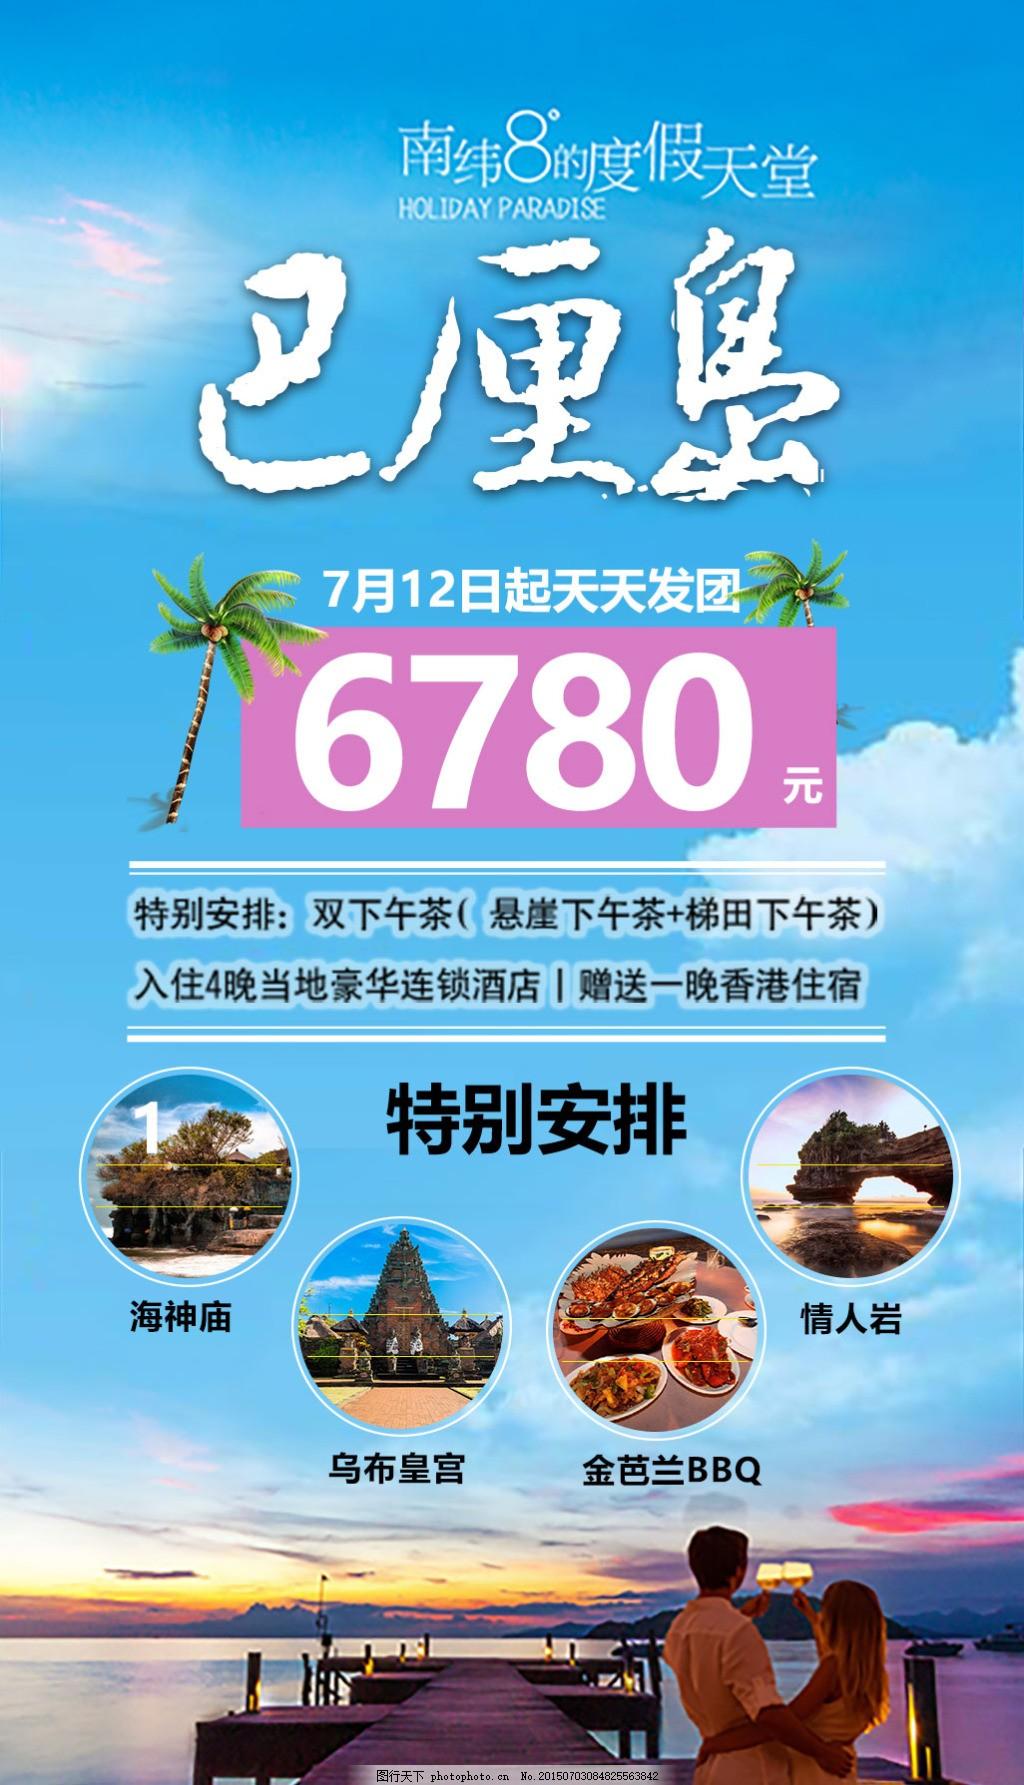 巴厘岛 旅游小广告 巴厘岛旅游小广告 微信小广告 psd 青色 天蓝色